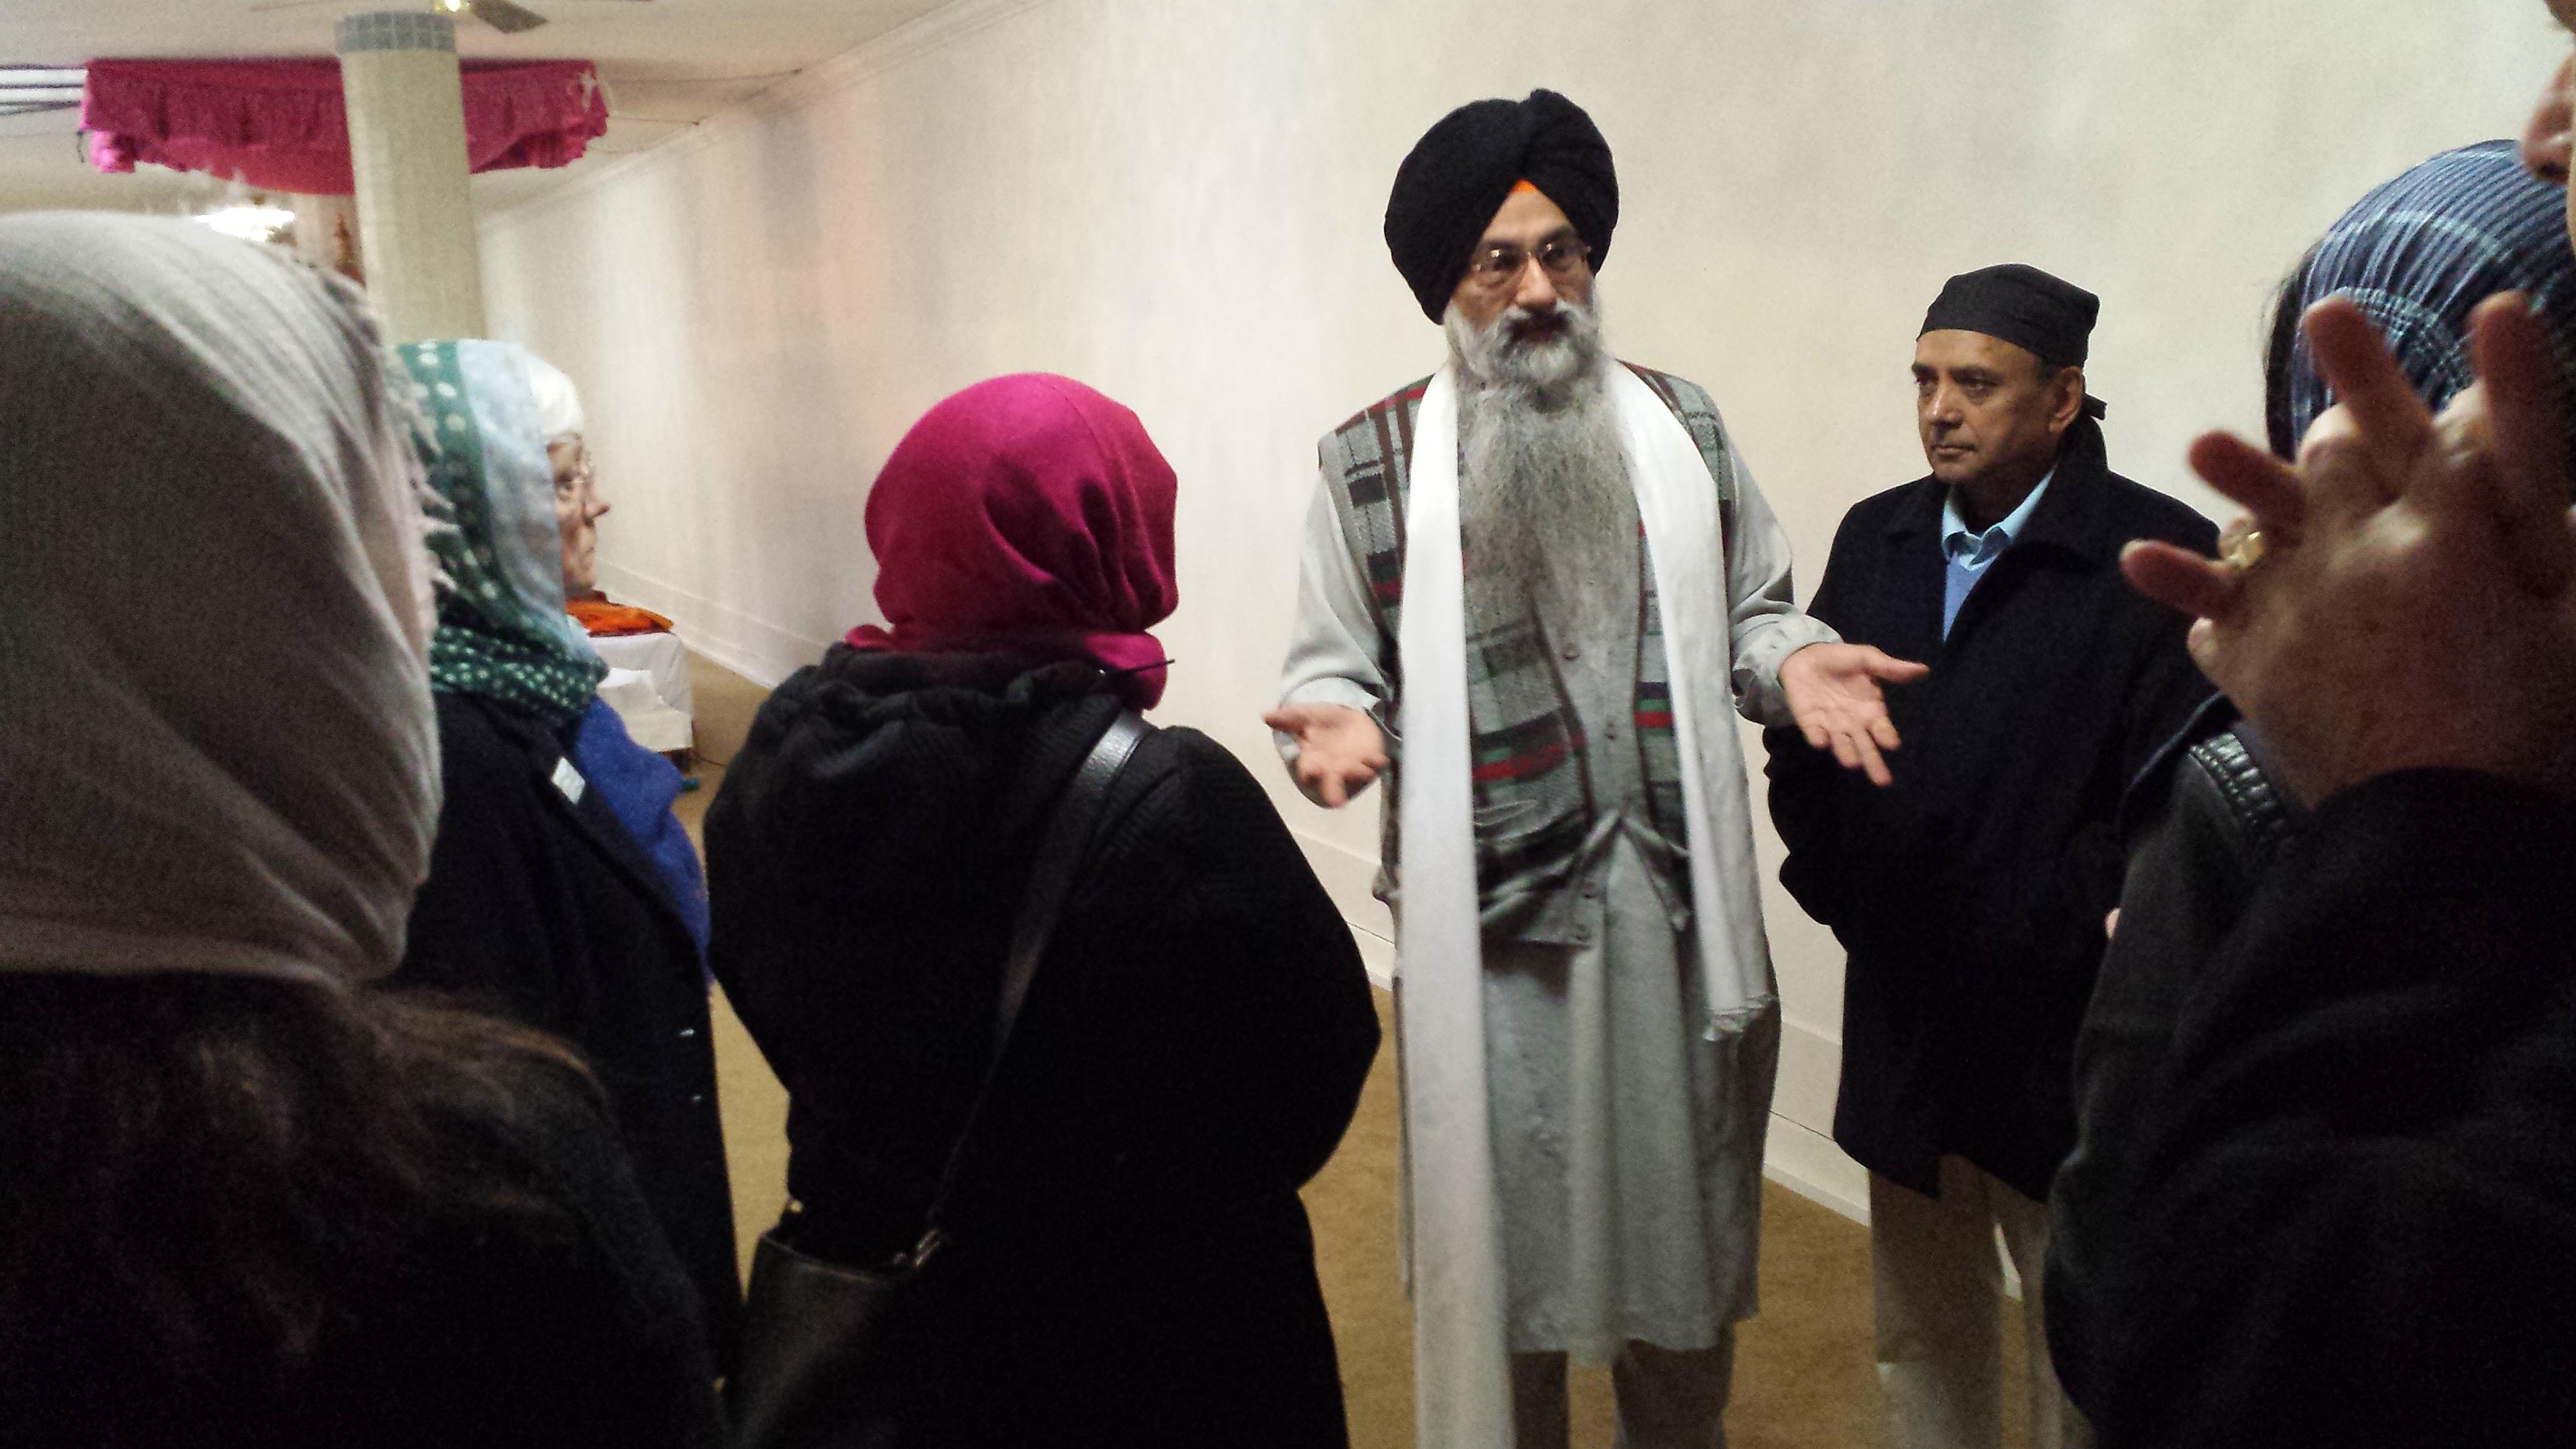 Sikh Gurdwara - Vancouver